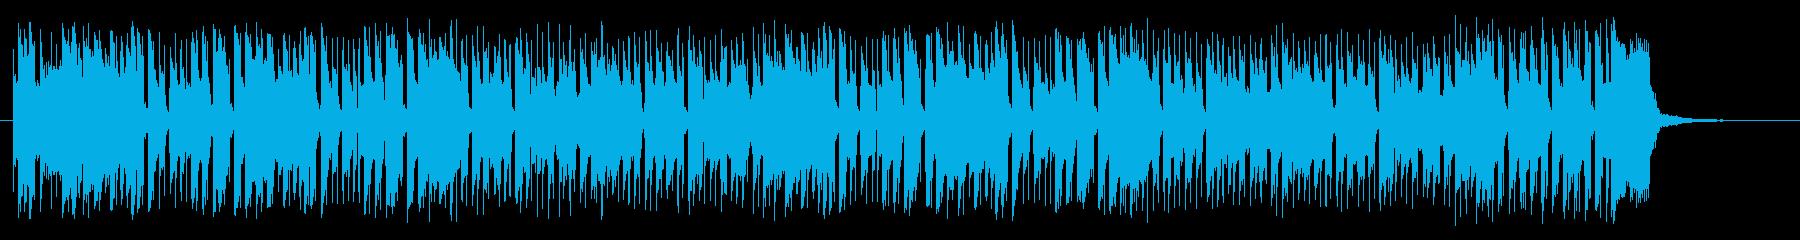 トランペットの楽しくパワフルなポップスの再生済みの波形